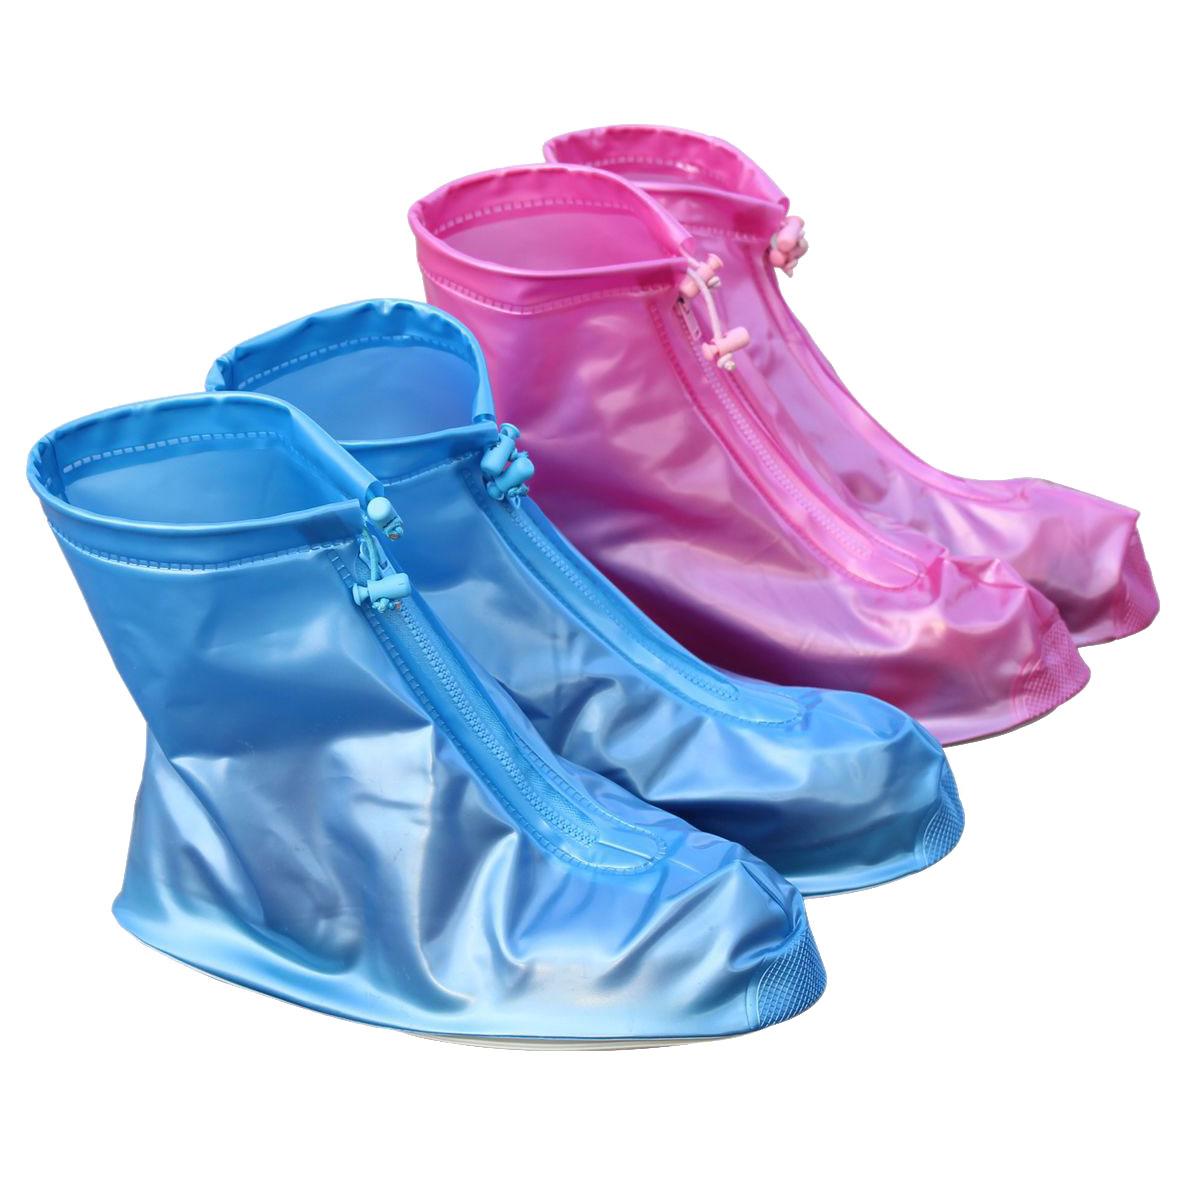 雨鞋套户外成人雨衣配套旅行雨鞋套非一次性雨衣男女加厚旅游雨鞋